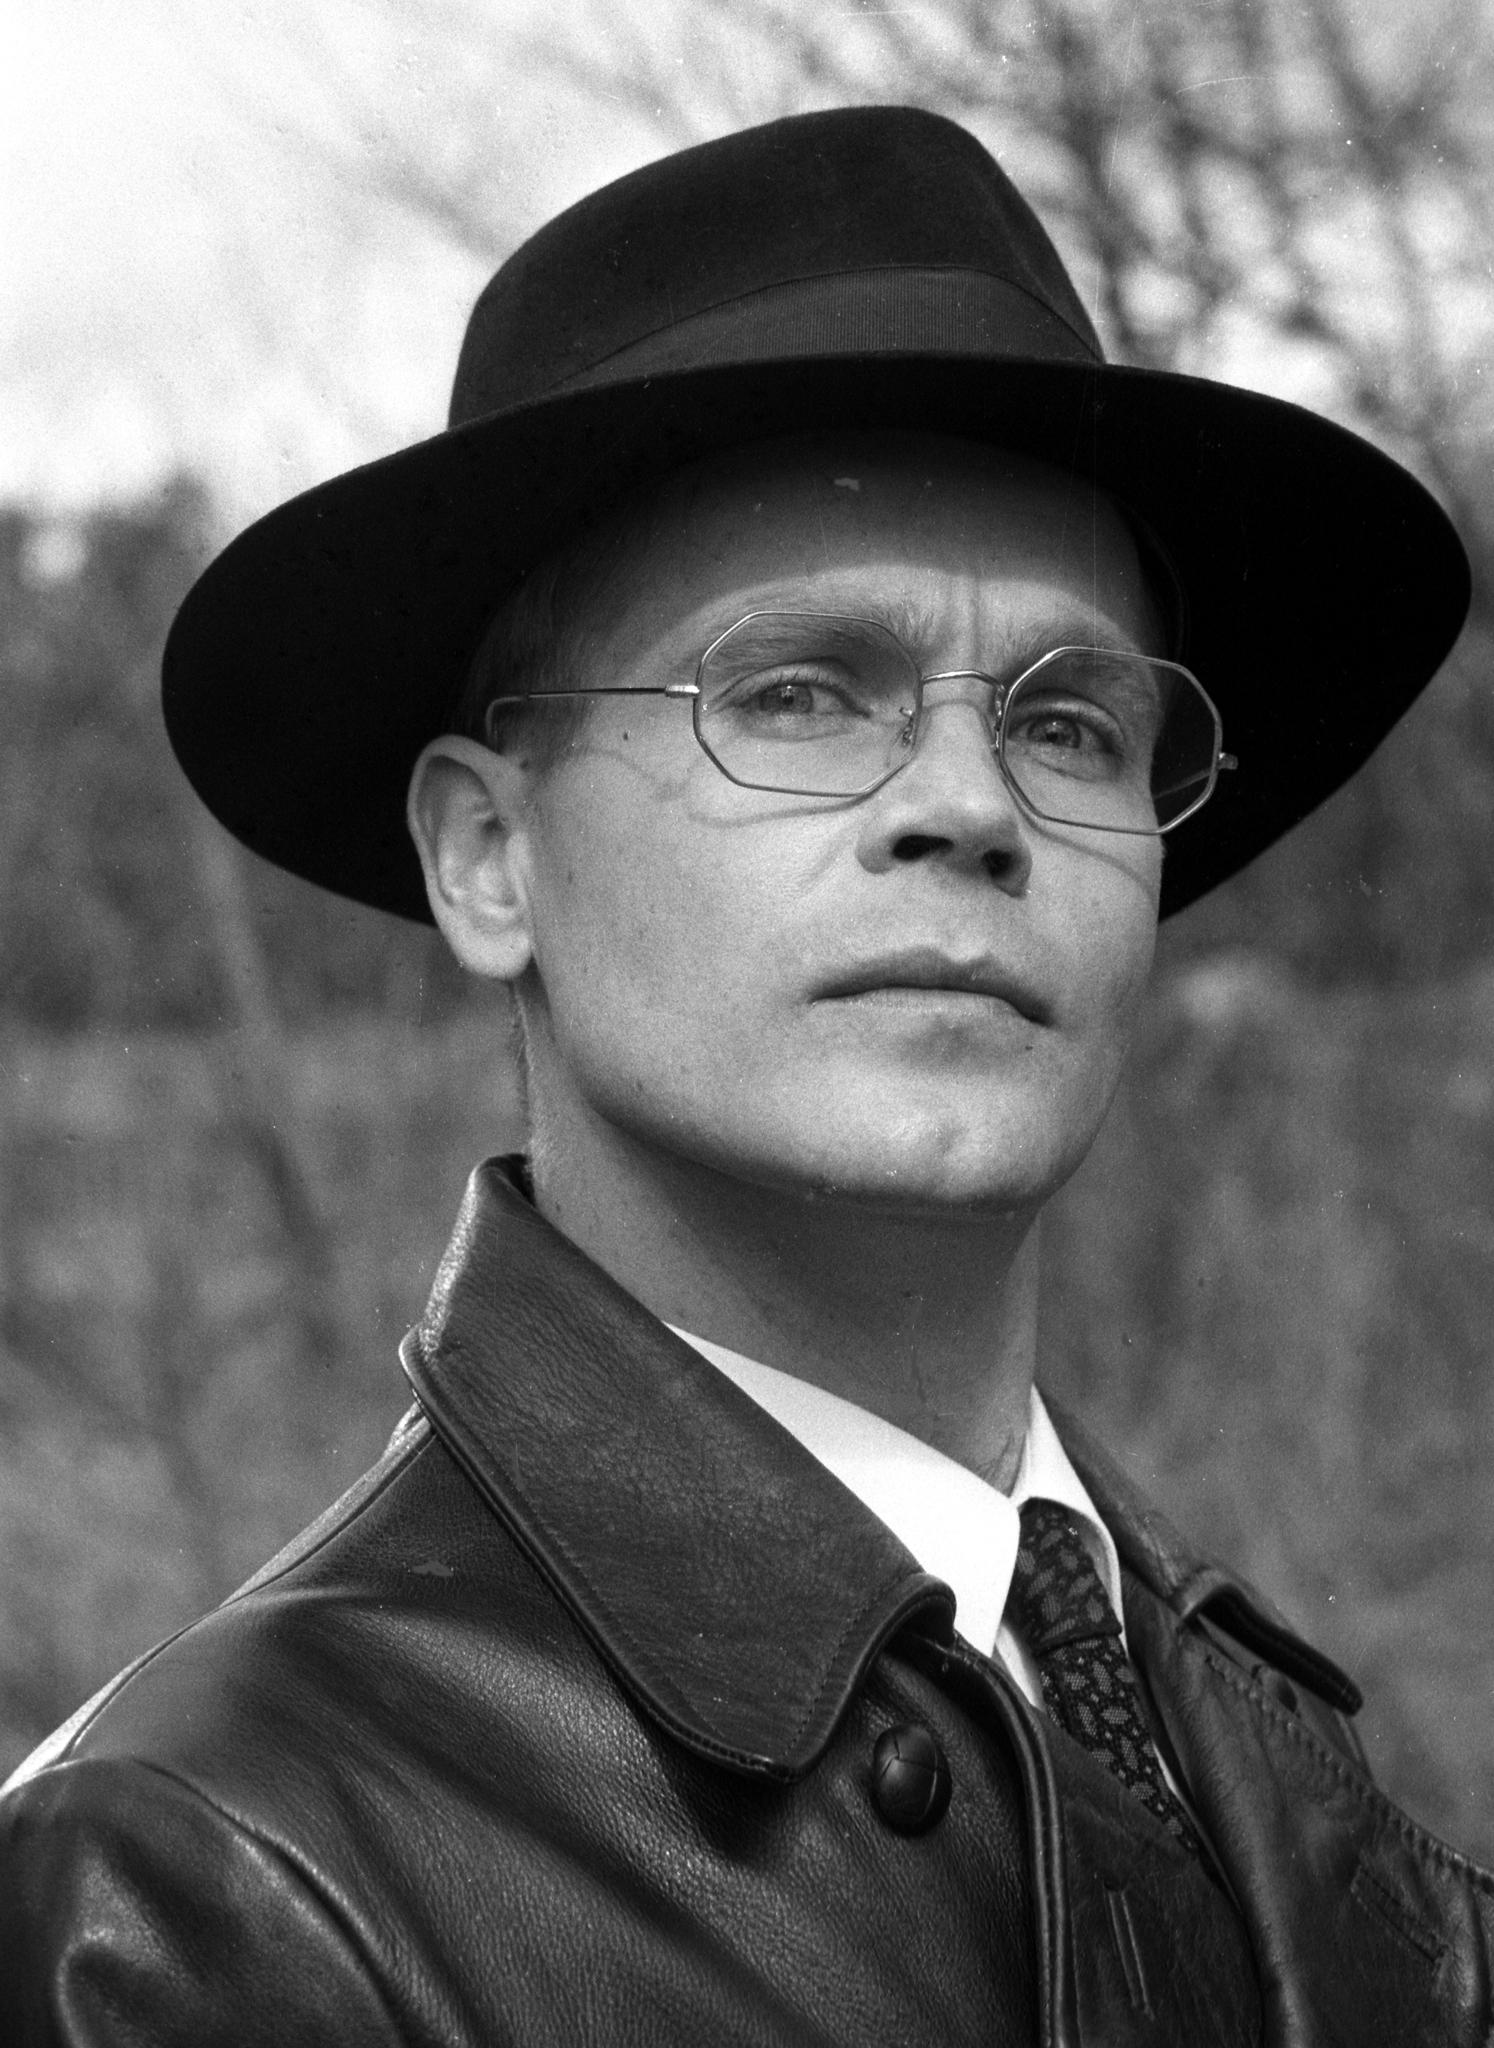 Herr jonssons hatt